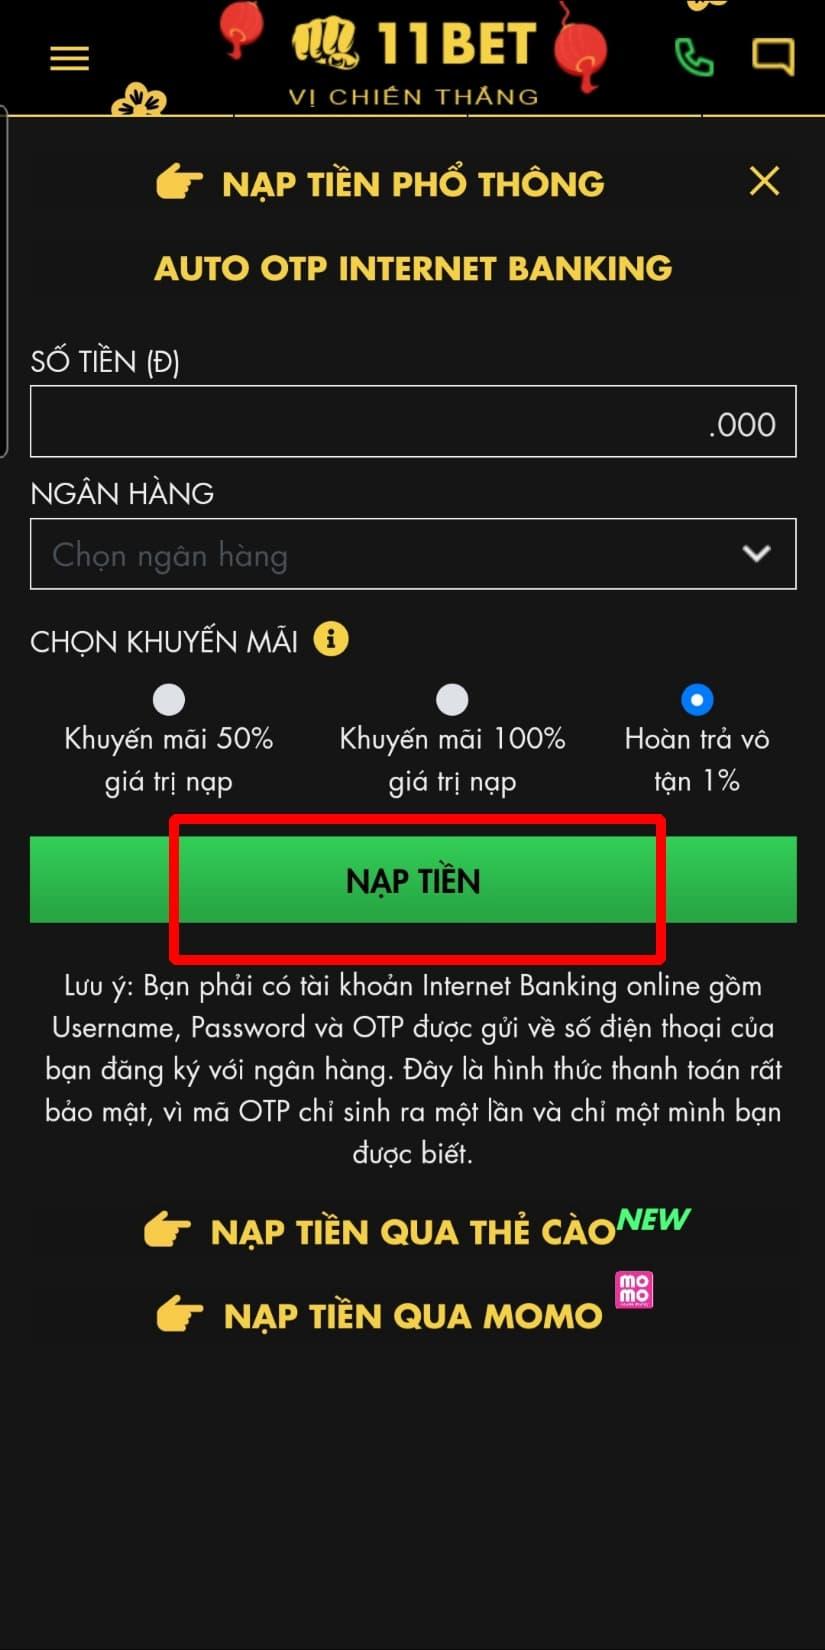 Bấm chọn NẠP TIỀN để hoàn thành quá trình nạp tiền qua Auto OTP Internet banking